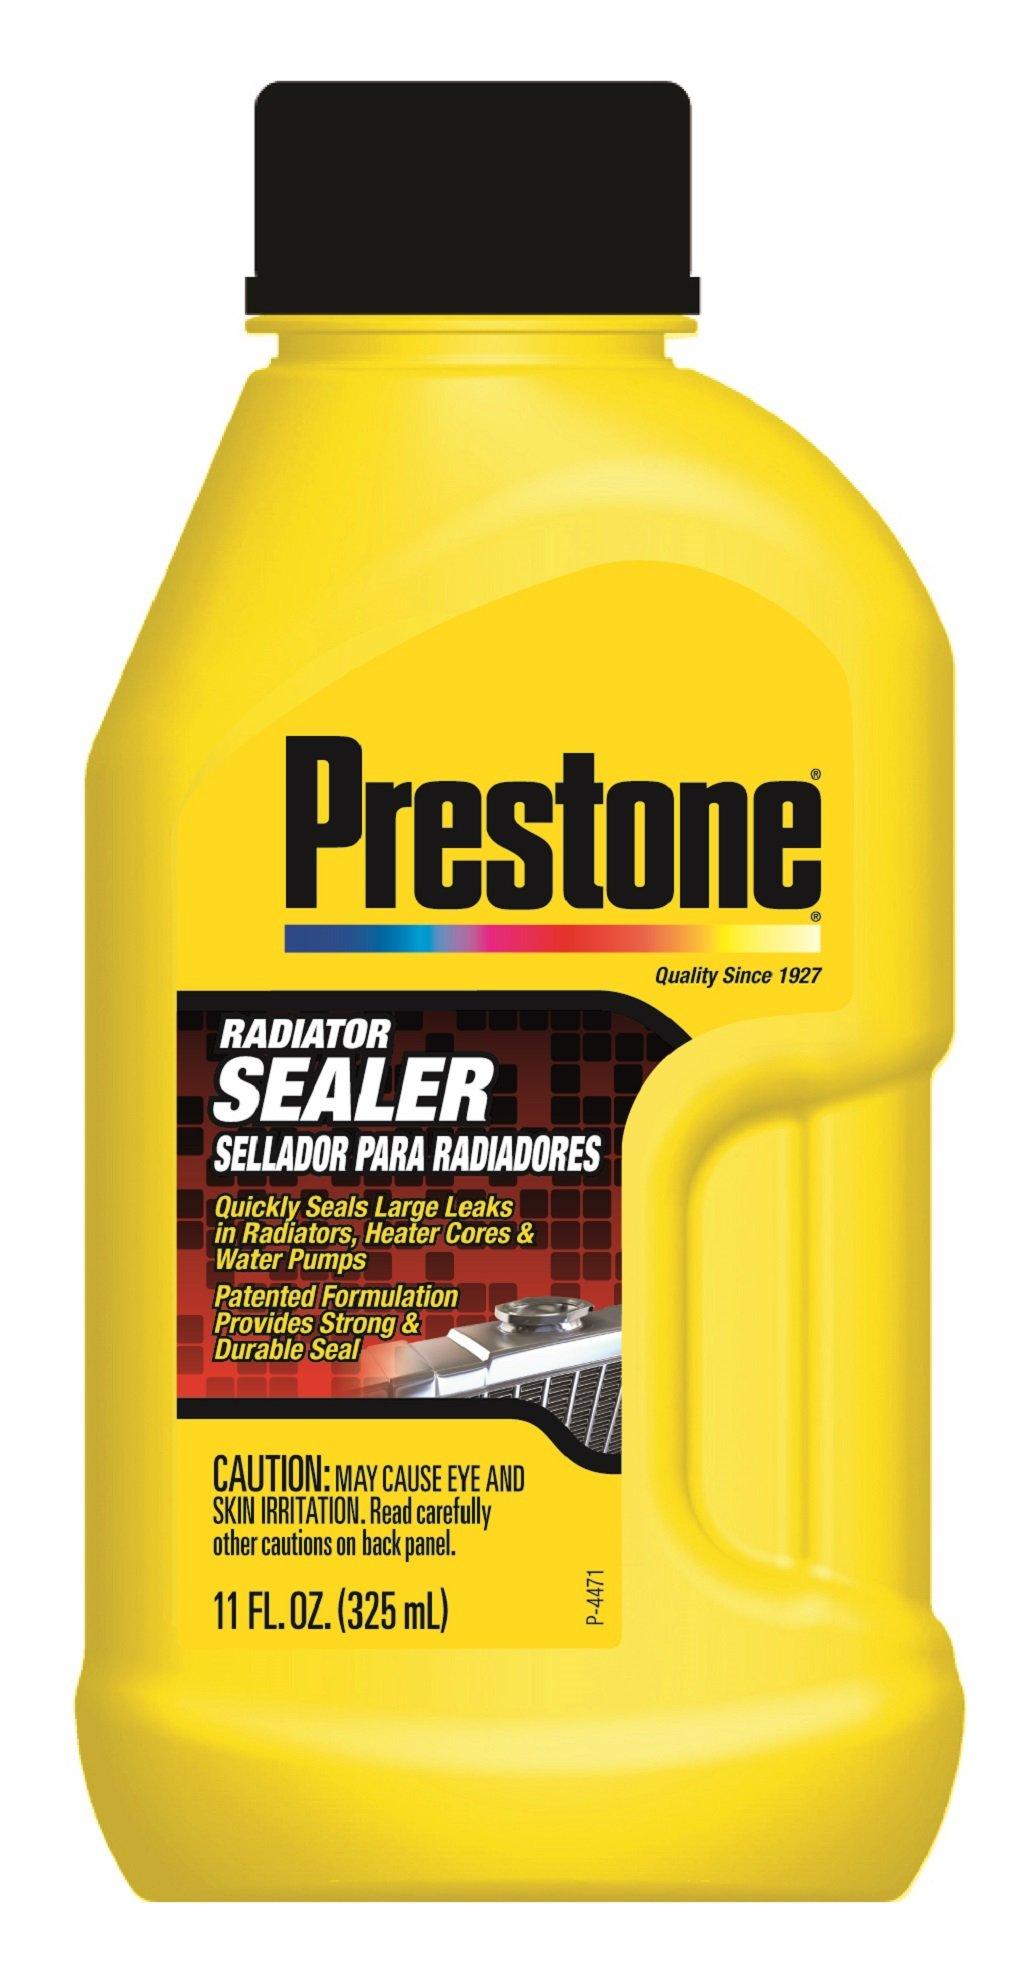 Prestone AS120 Radiator Sealer - 11 oz.